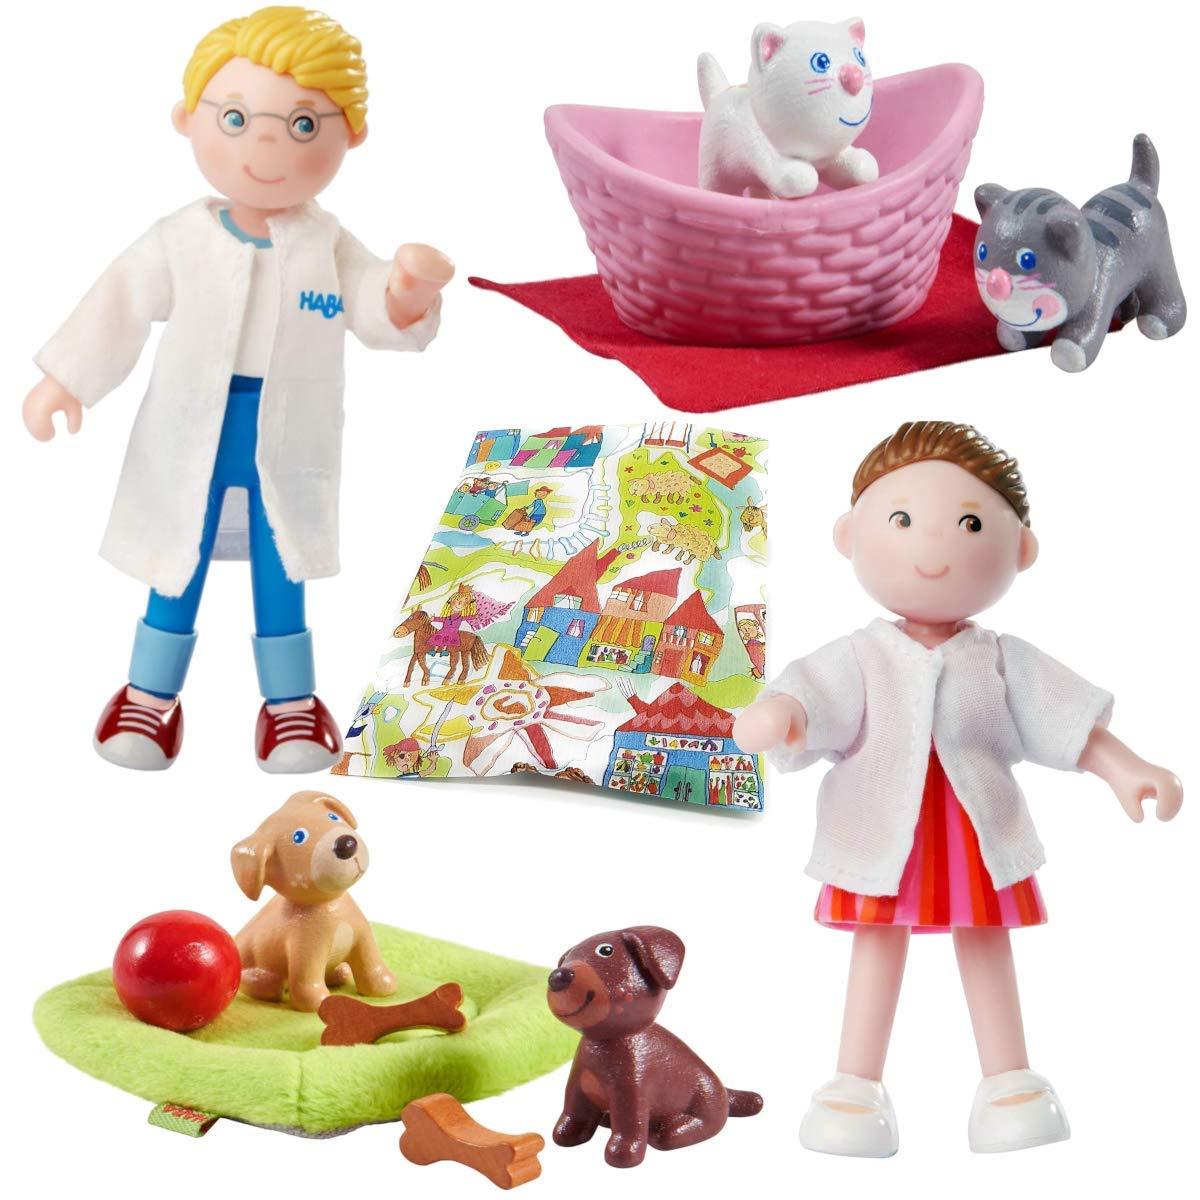 Haba Little Friends Tierarzt, Tierarzthelferin mit Hundebabys und Katzenbabys Spielfiguren Zubehör Tierklinik